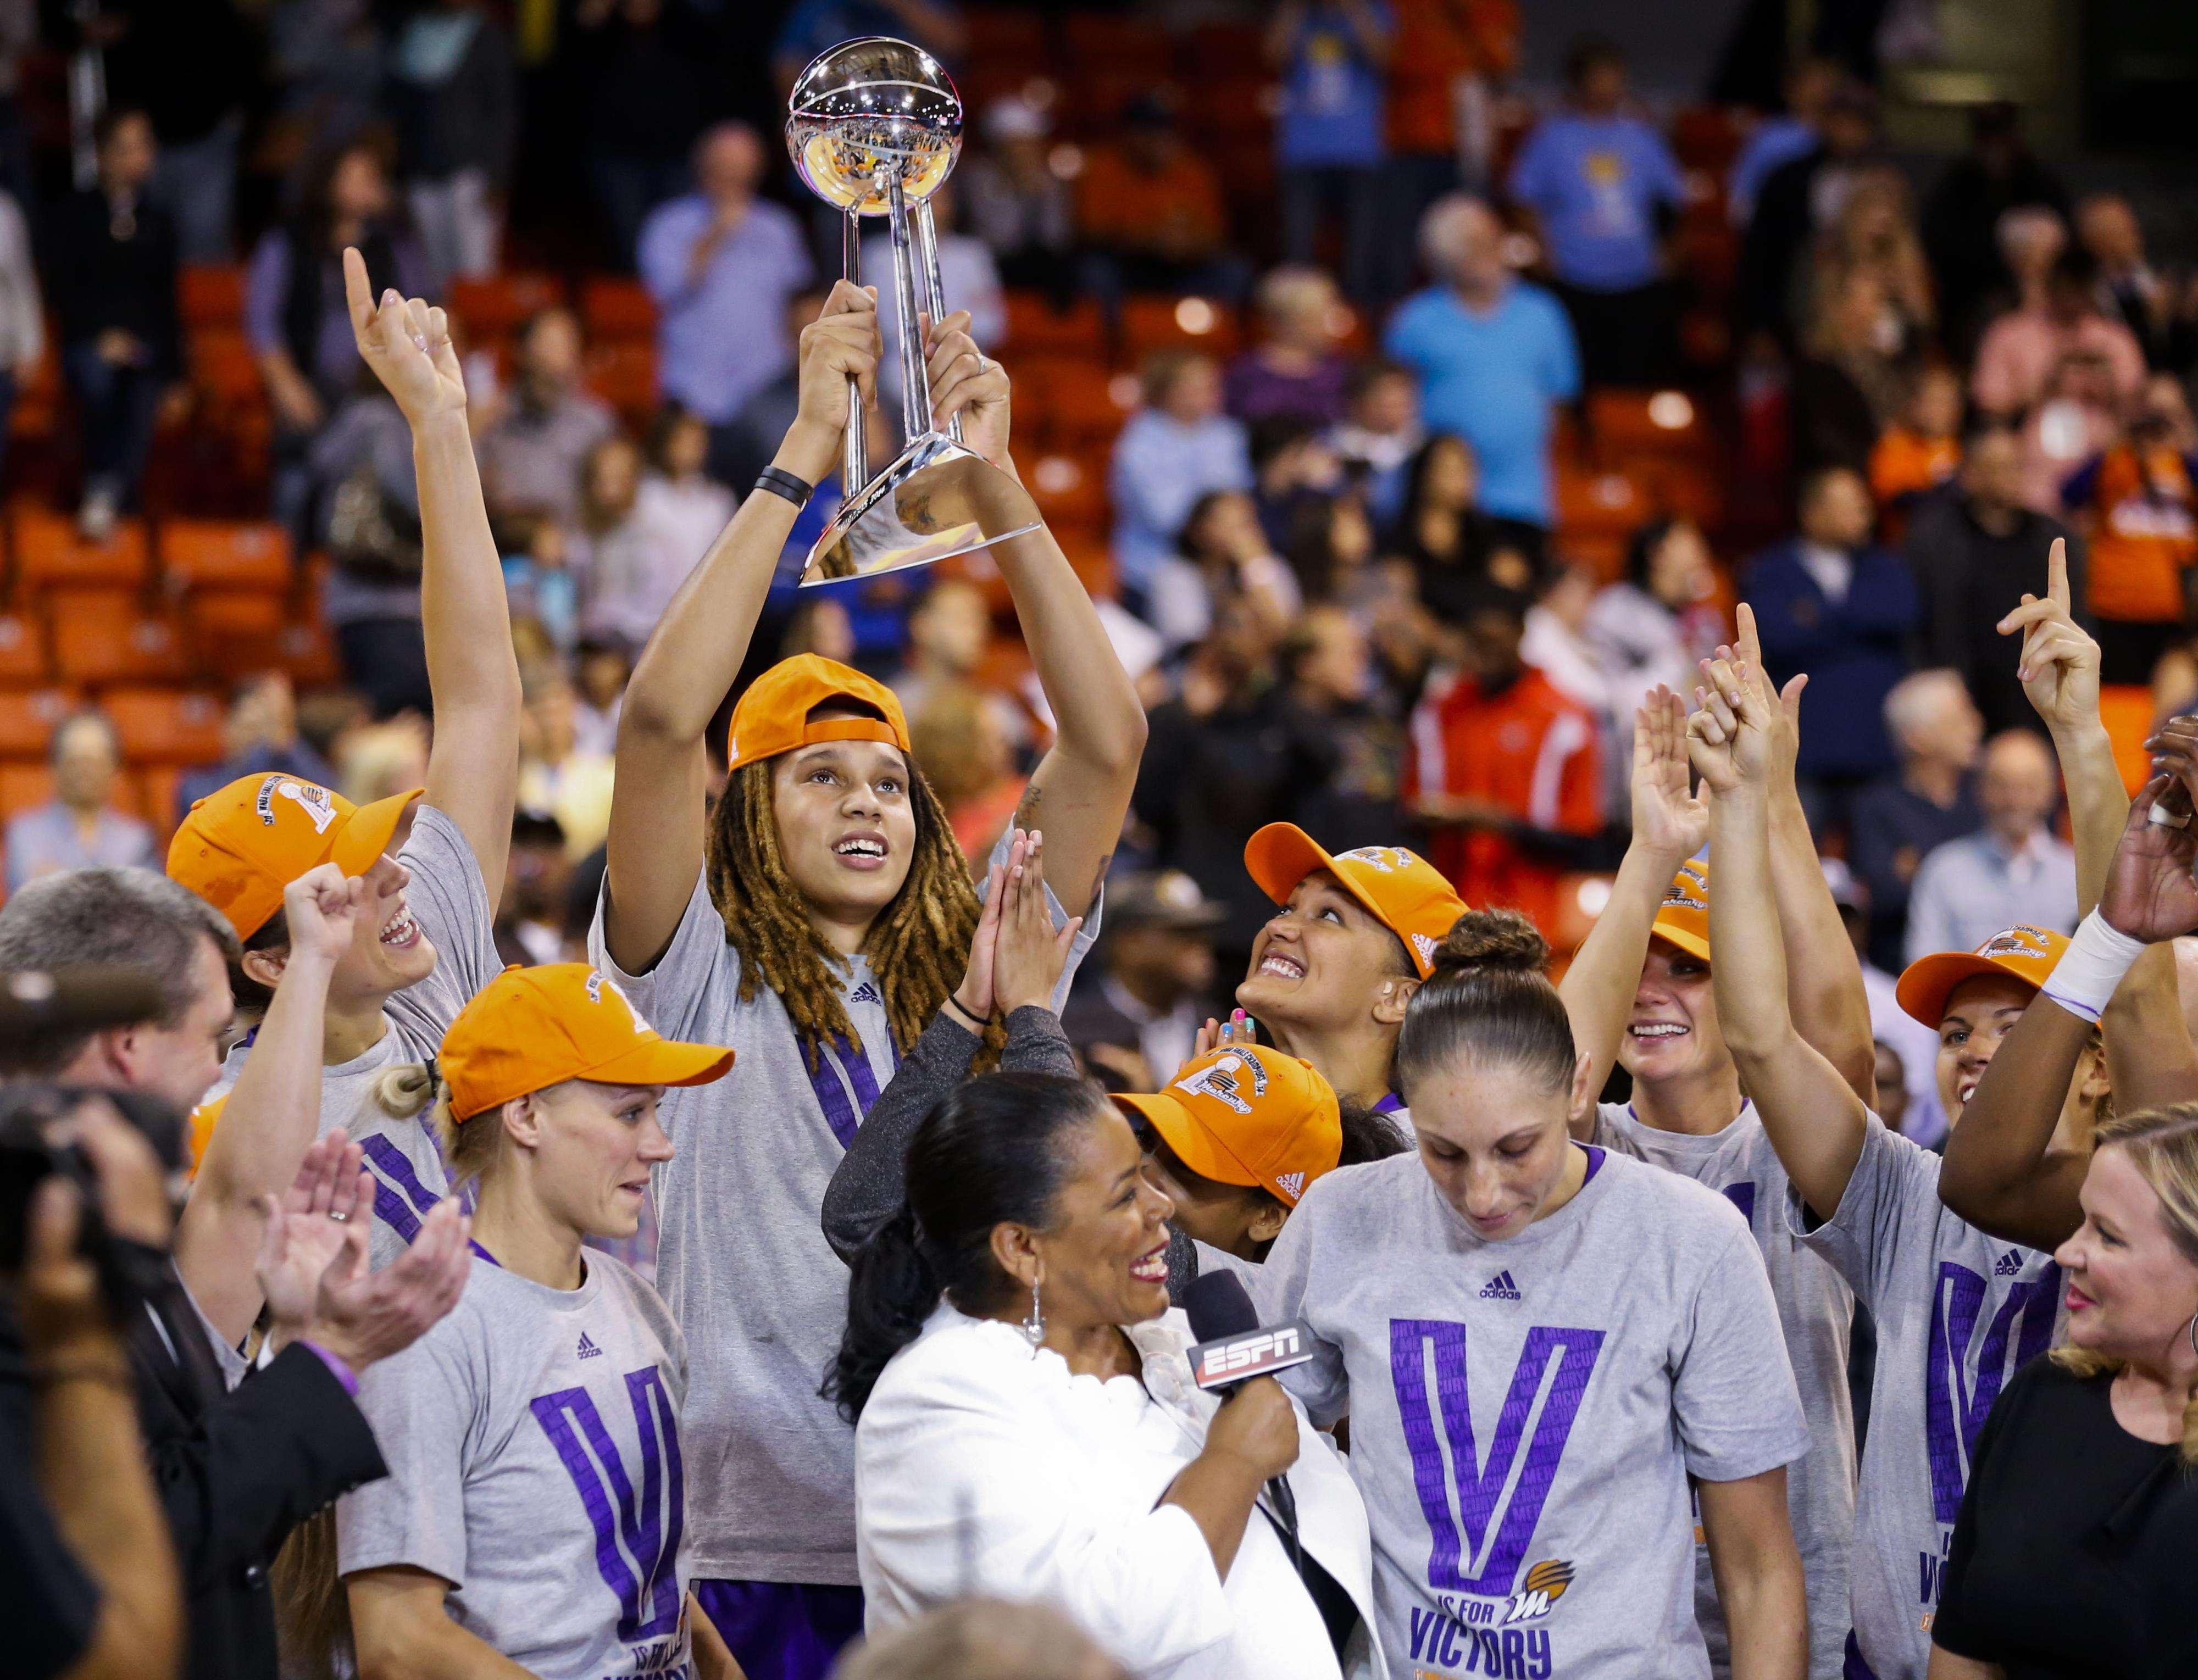 Brittney Griner sostiene el trofeo de campeón. Foto: AP